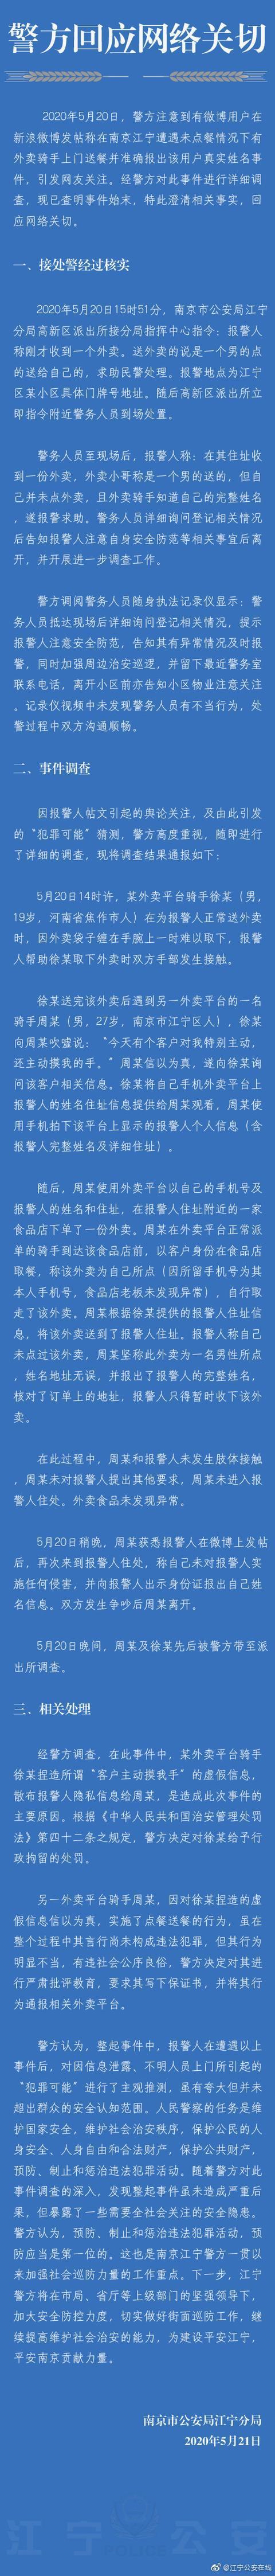 来源:南京市公安局江宁分局官方微博